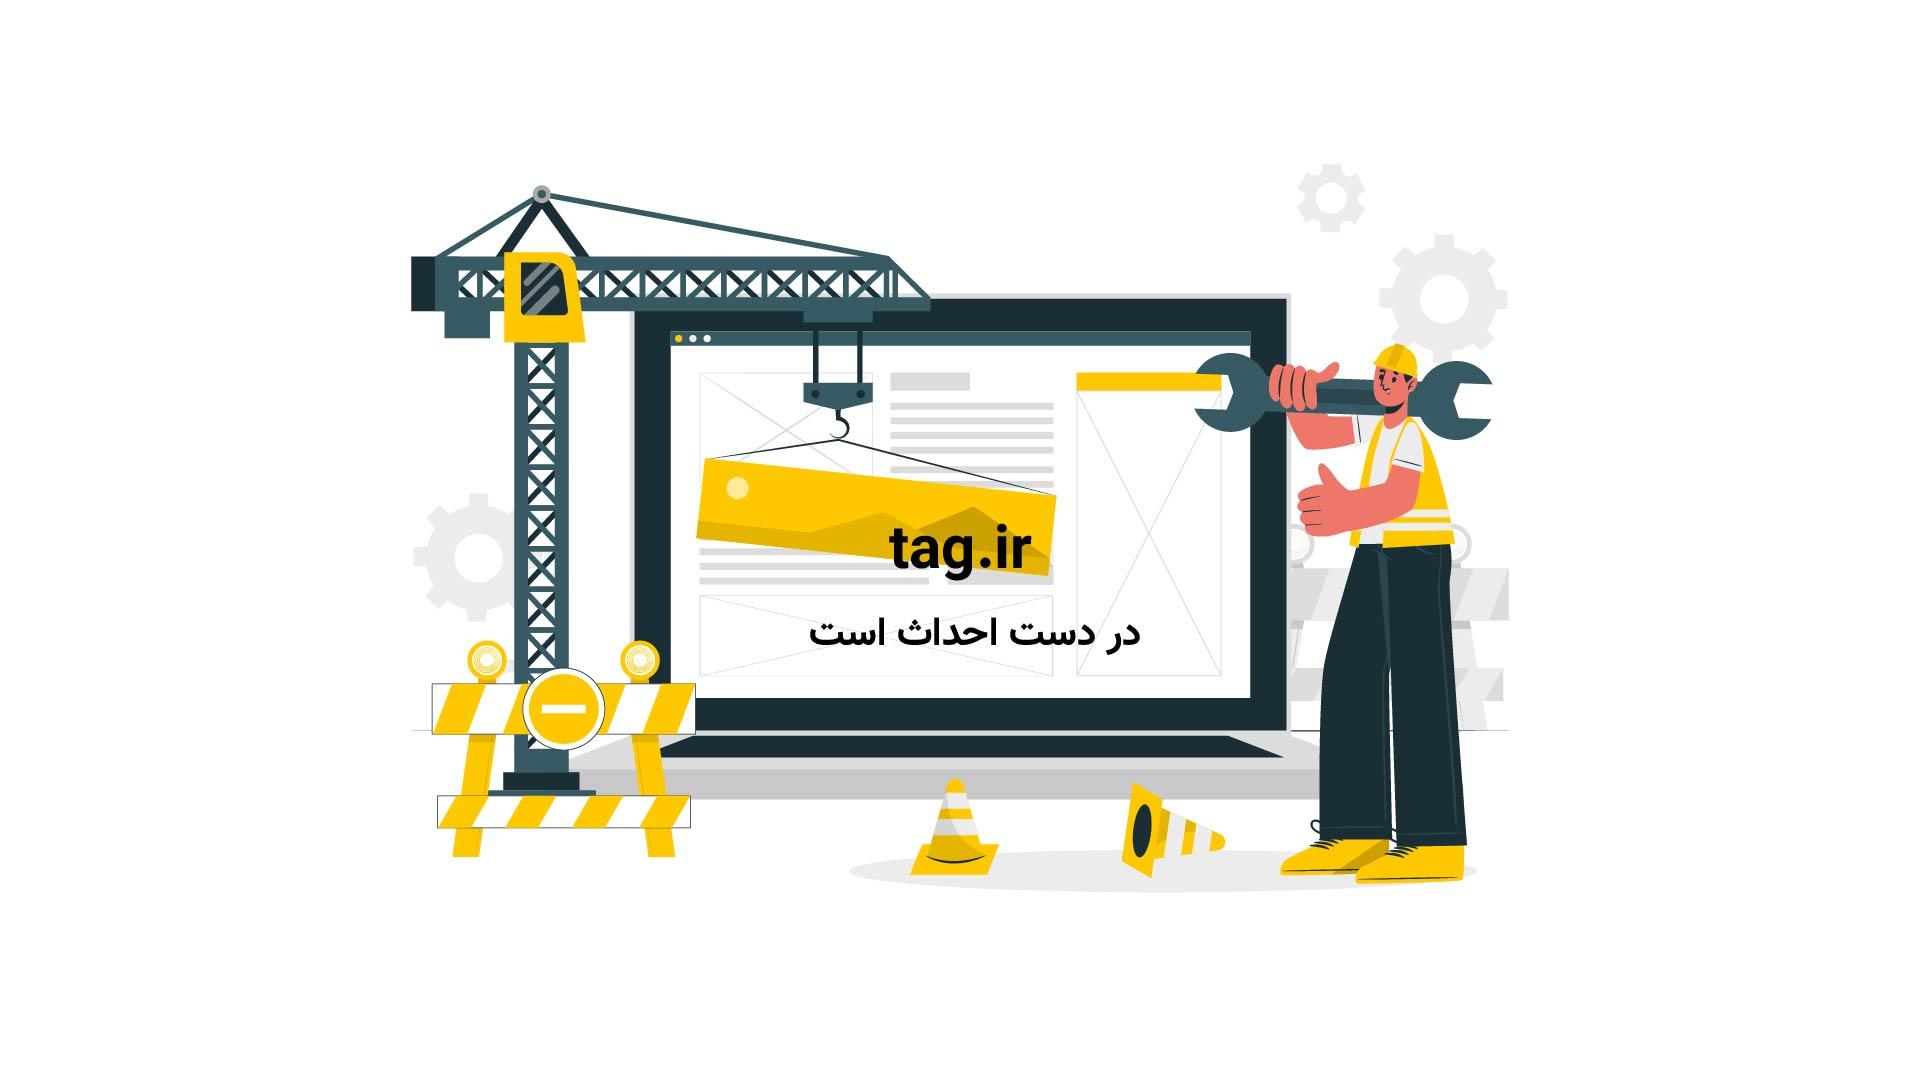 سخنرانی های تد؛ ترسهایتان را تشریح کنید |فیلم